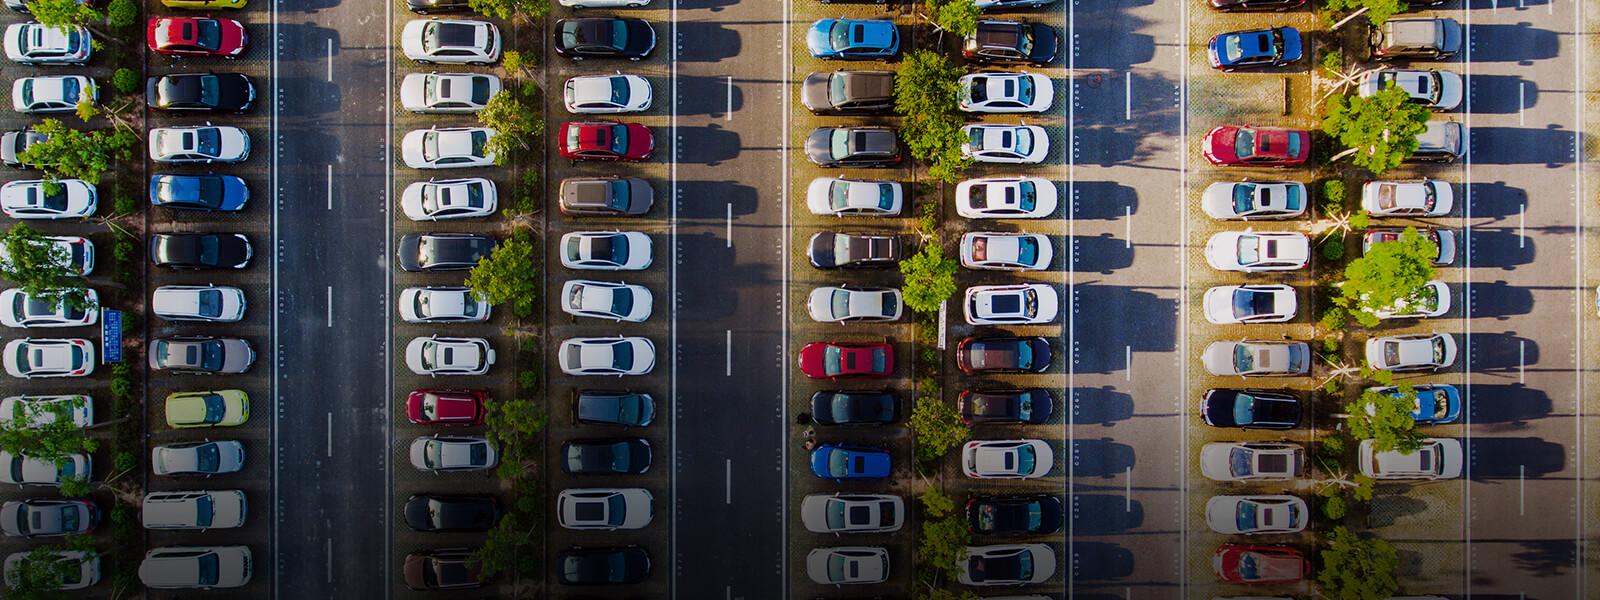 hero parking rules